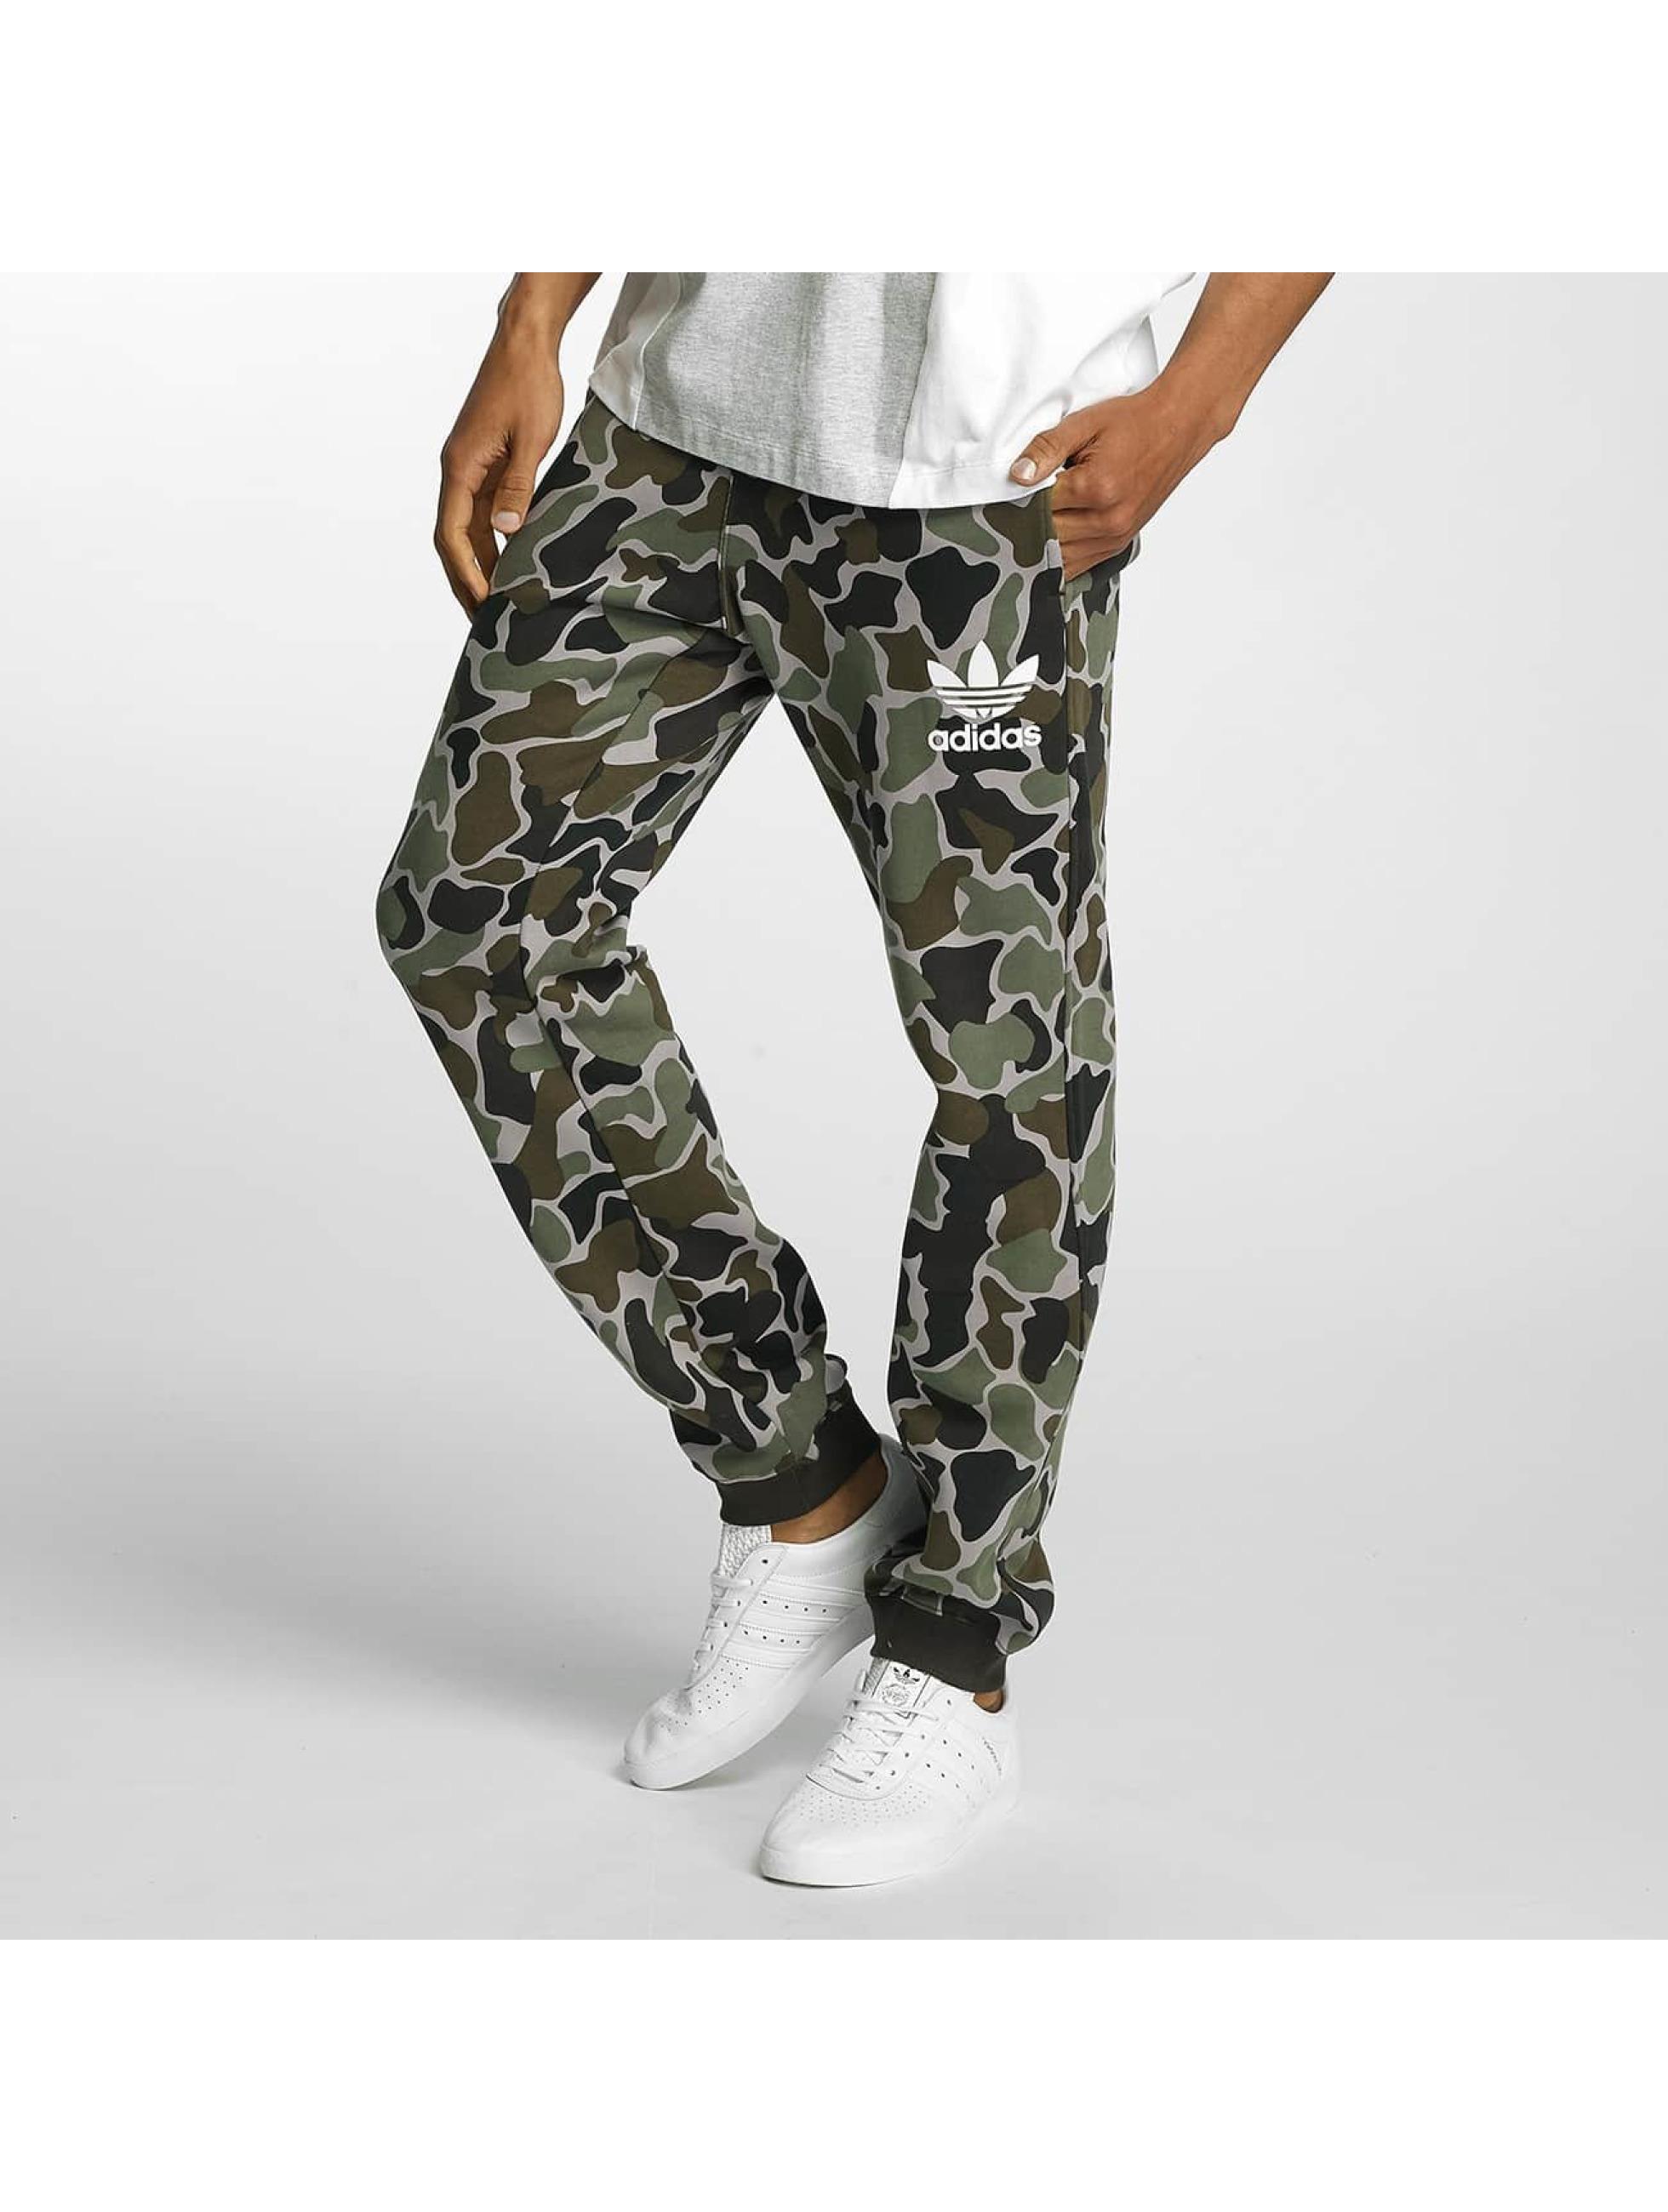 adidas heren joggingbroek Camo - camouflage